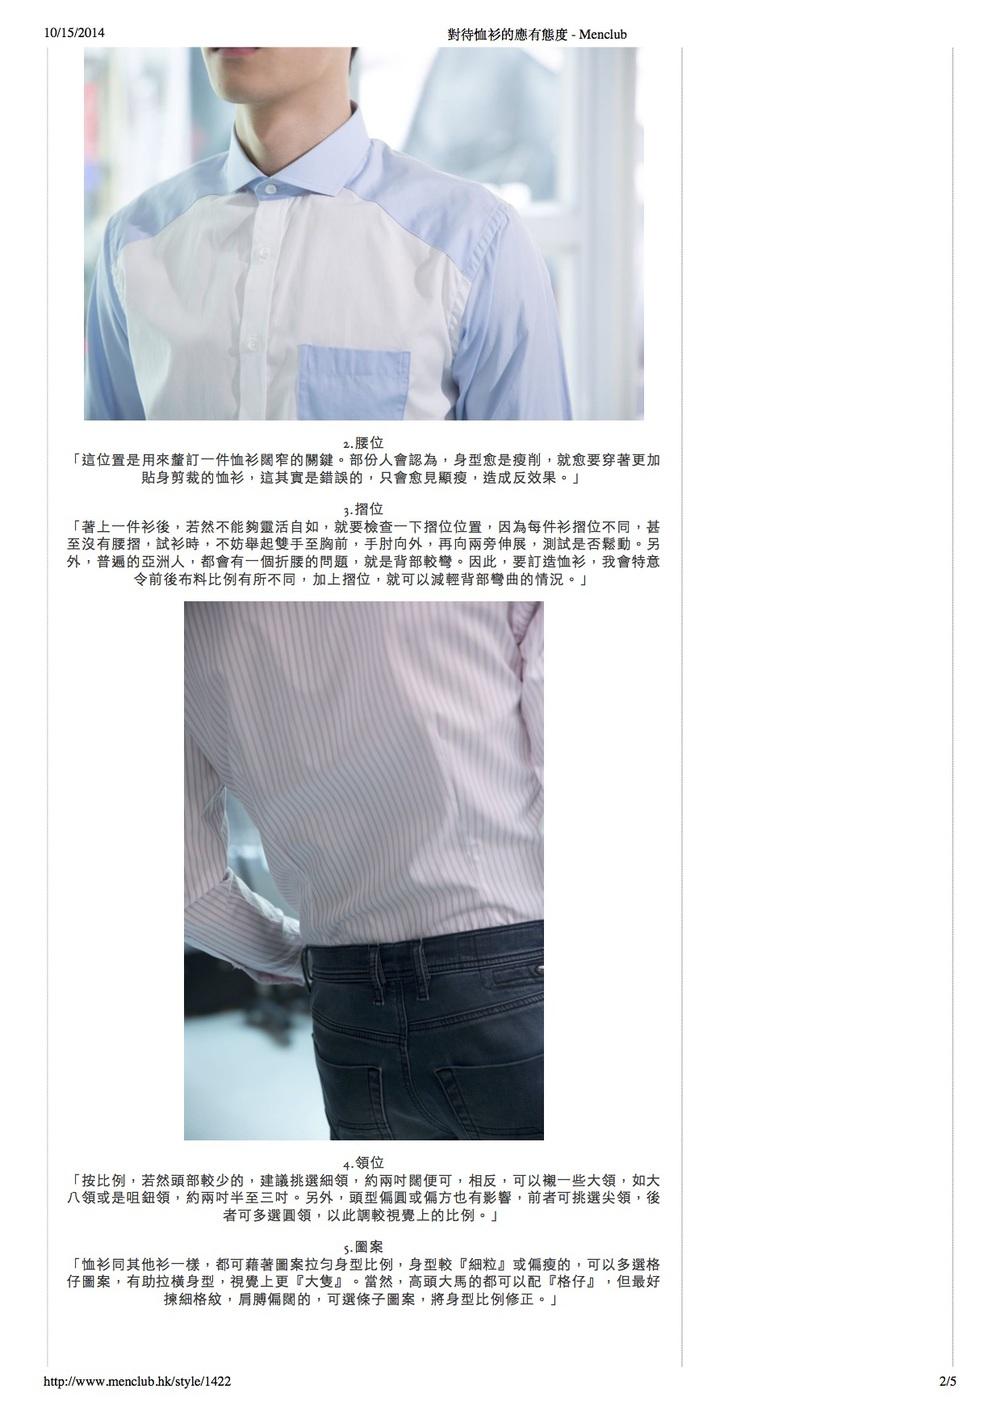 對待恤衫的應有態度 - Menclub 2.jpg